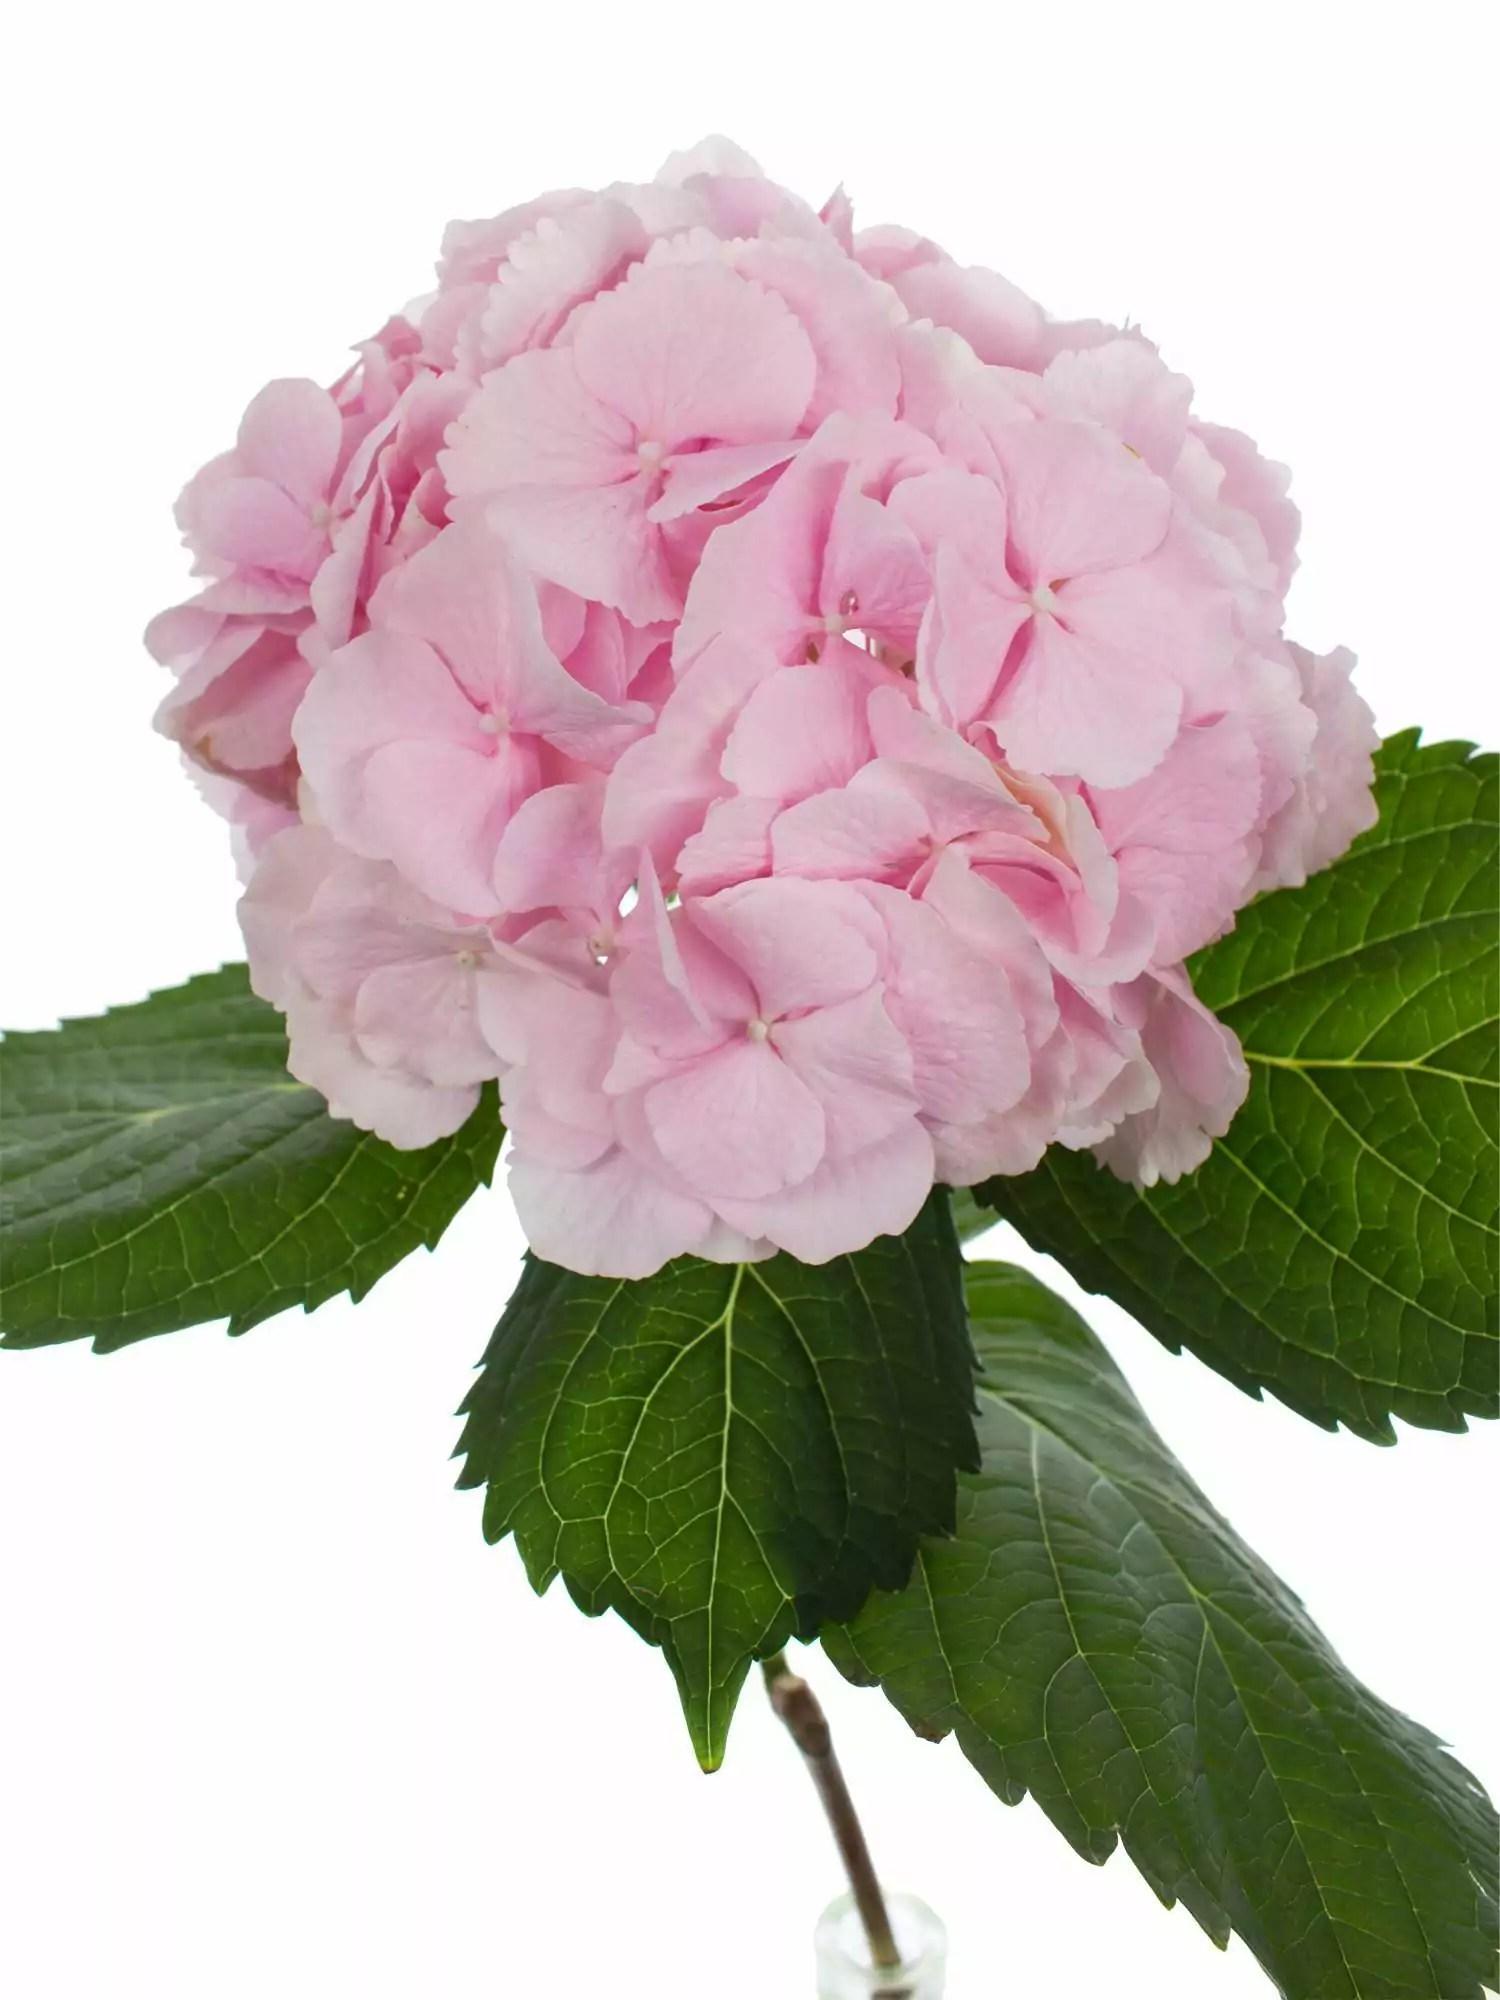 Hortensie Verena rosa bestellen Blumigo